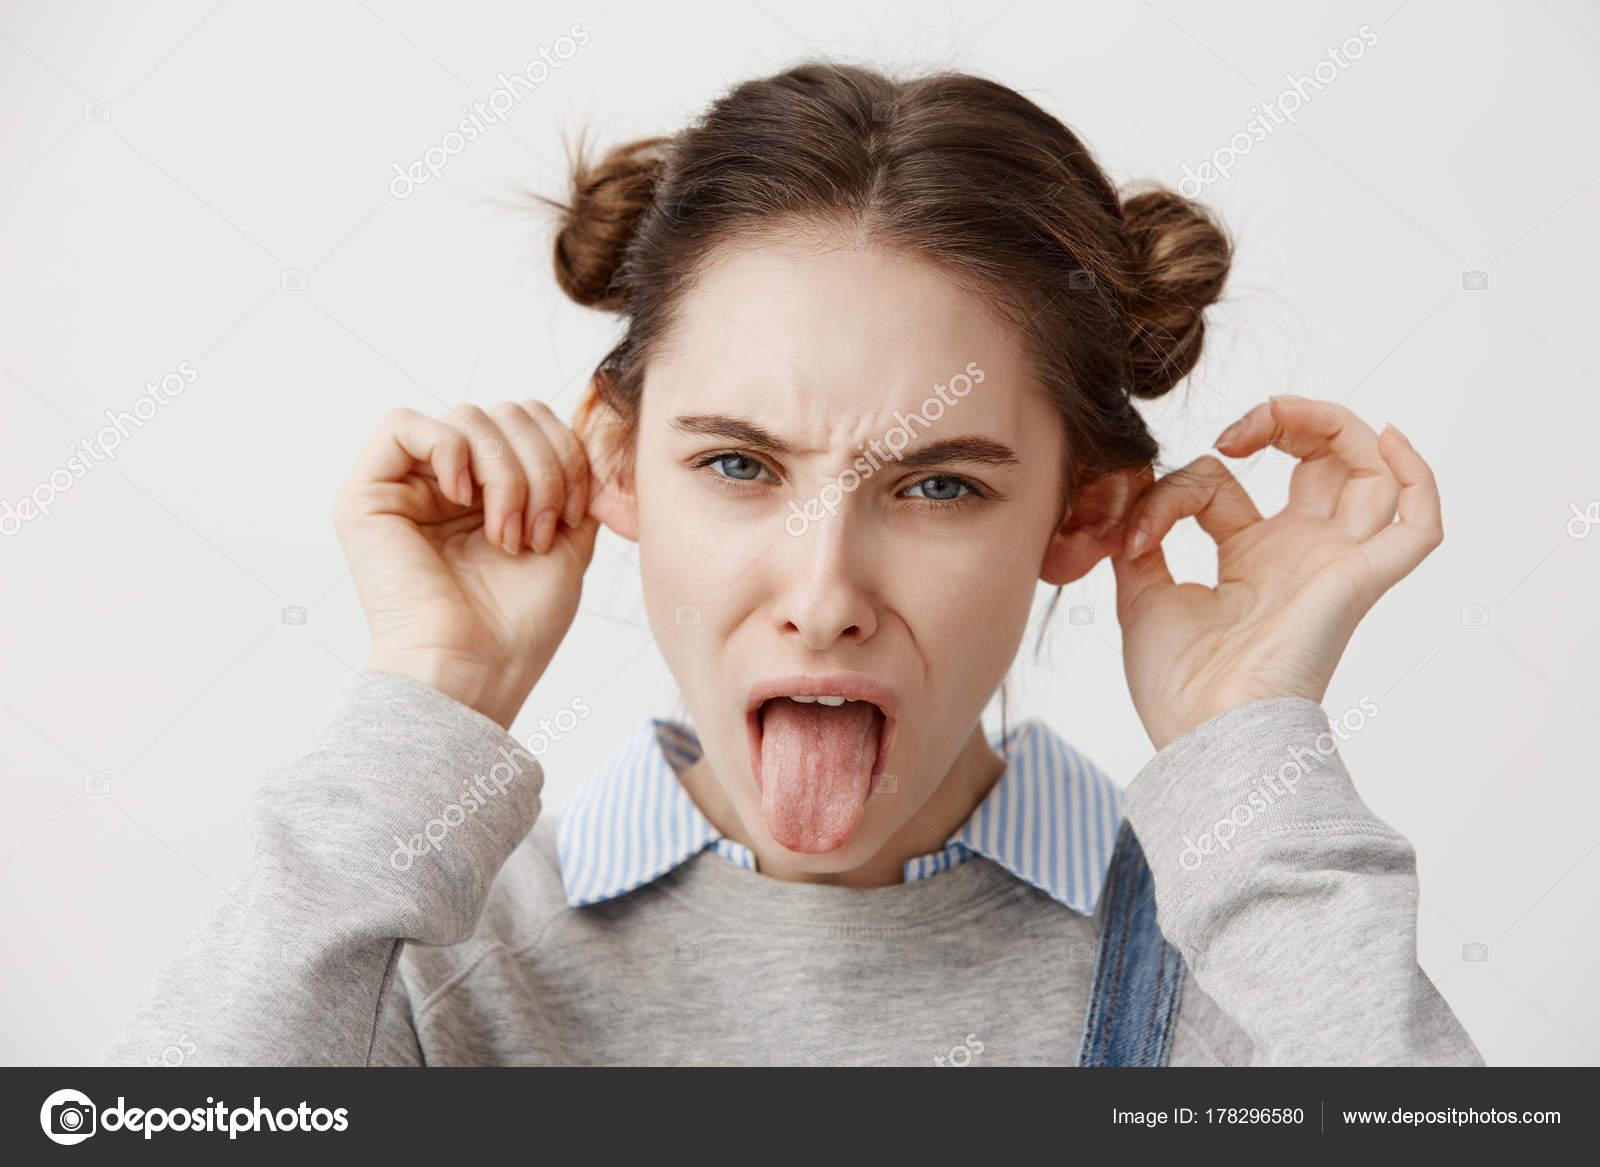 Lustig Aussehende Frau Trägt Lässige Grimassieren Mit Zunge Heraus